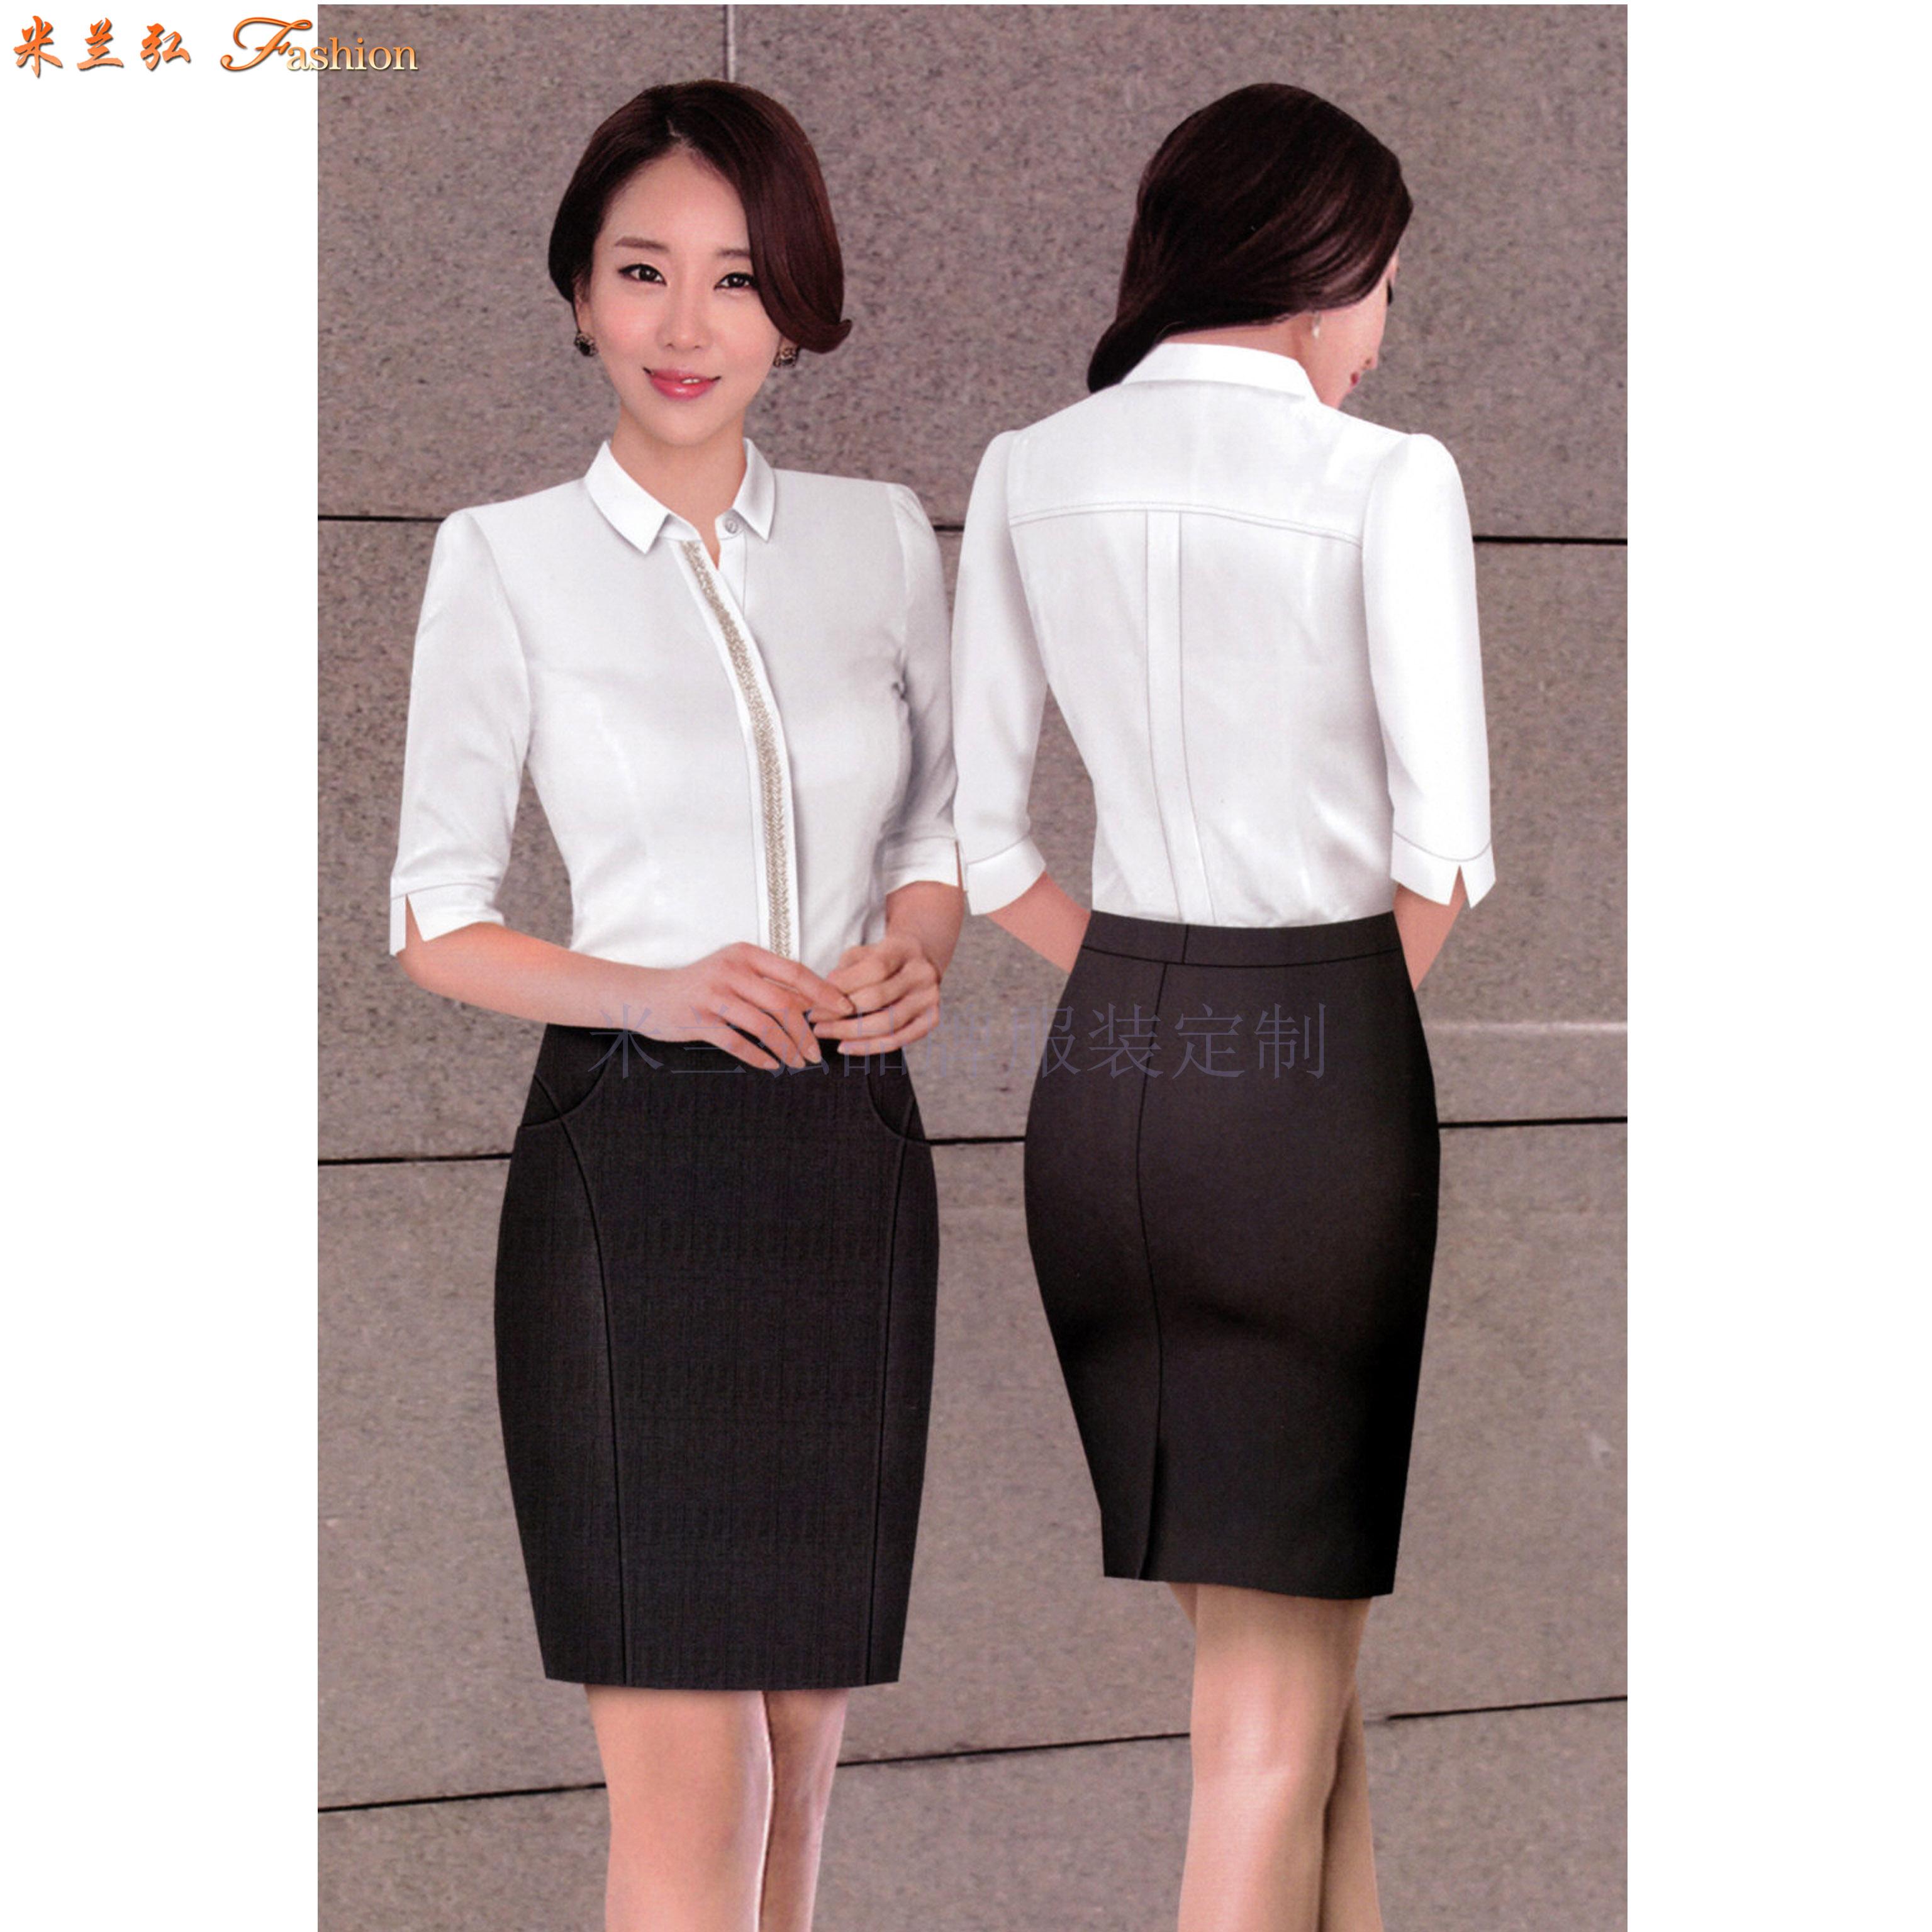 「襯衫」北京量體定制訂做免熨商務襯衫的專業廠家-米蘭弘服裝-1